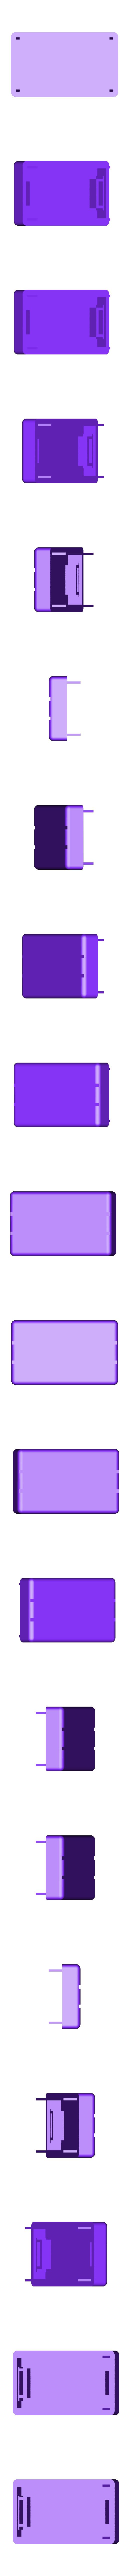 VW_T4_Dashboard_Blank_v2.stl Télécharger fichier STL gratuit VW T4 Tableau de bord vierge • Design pour imprimante 3D, J-M_D